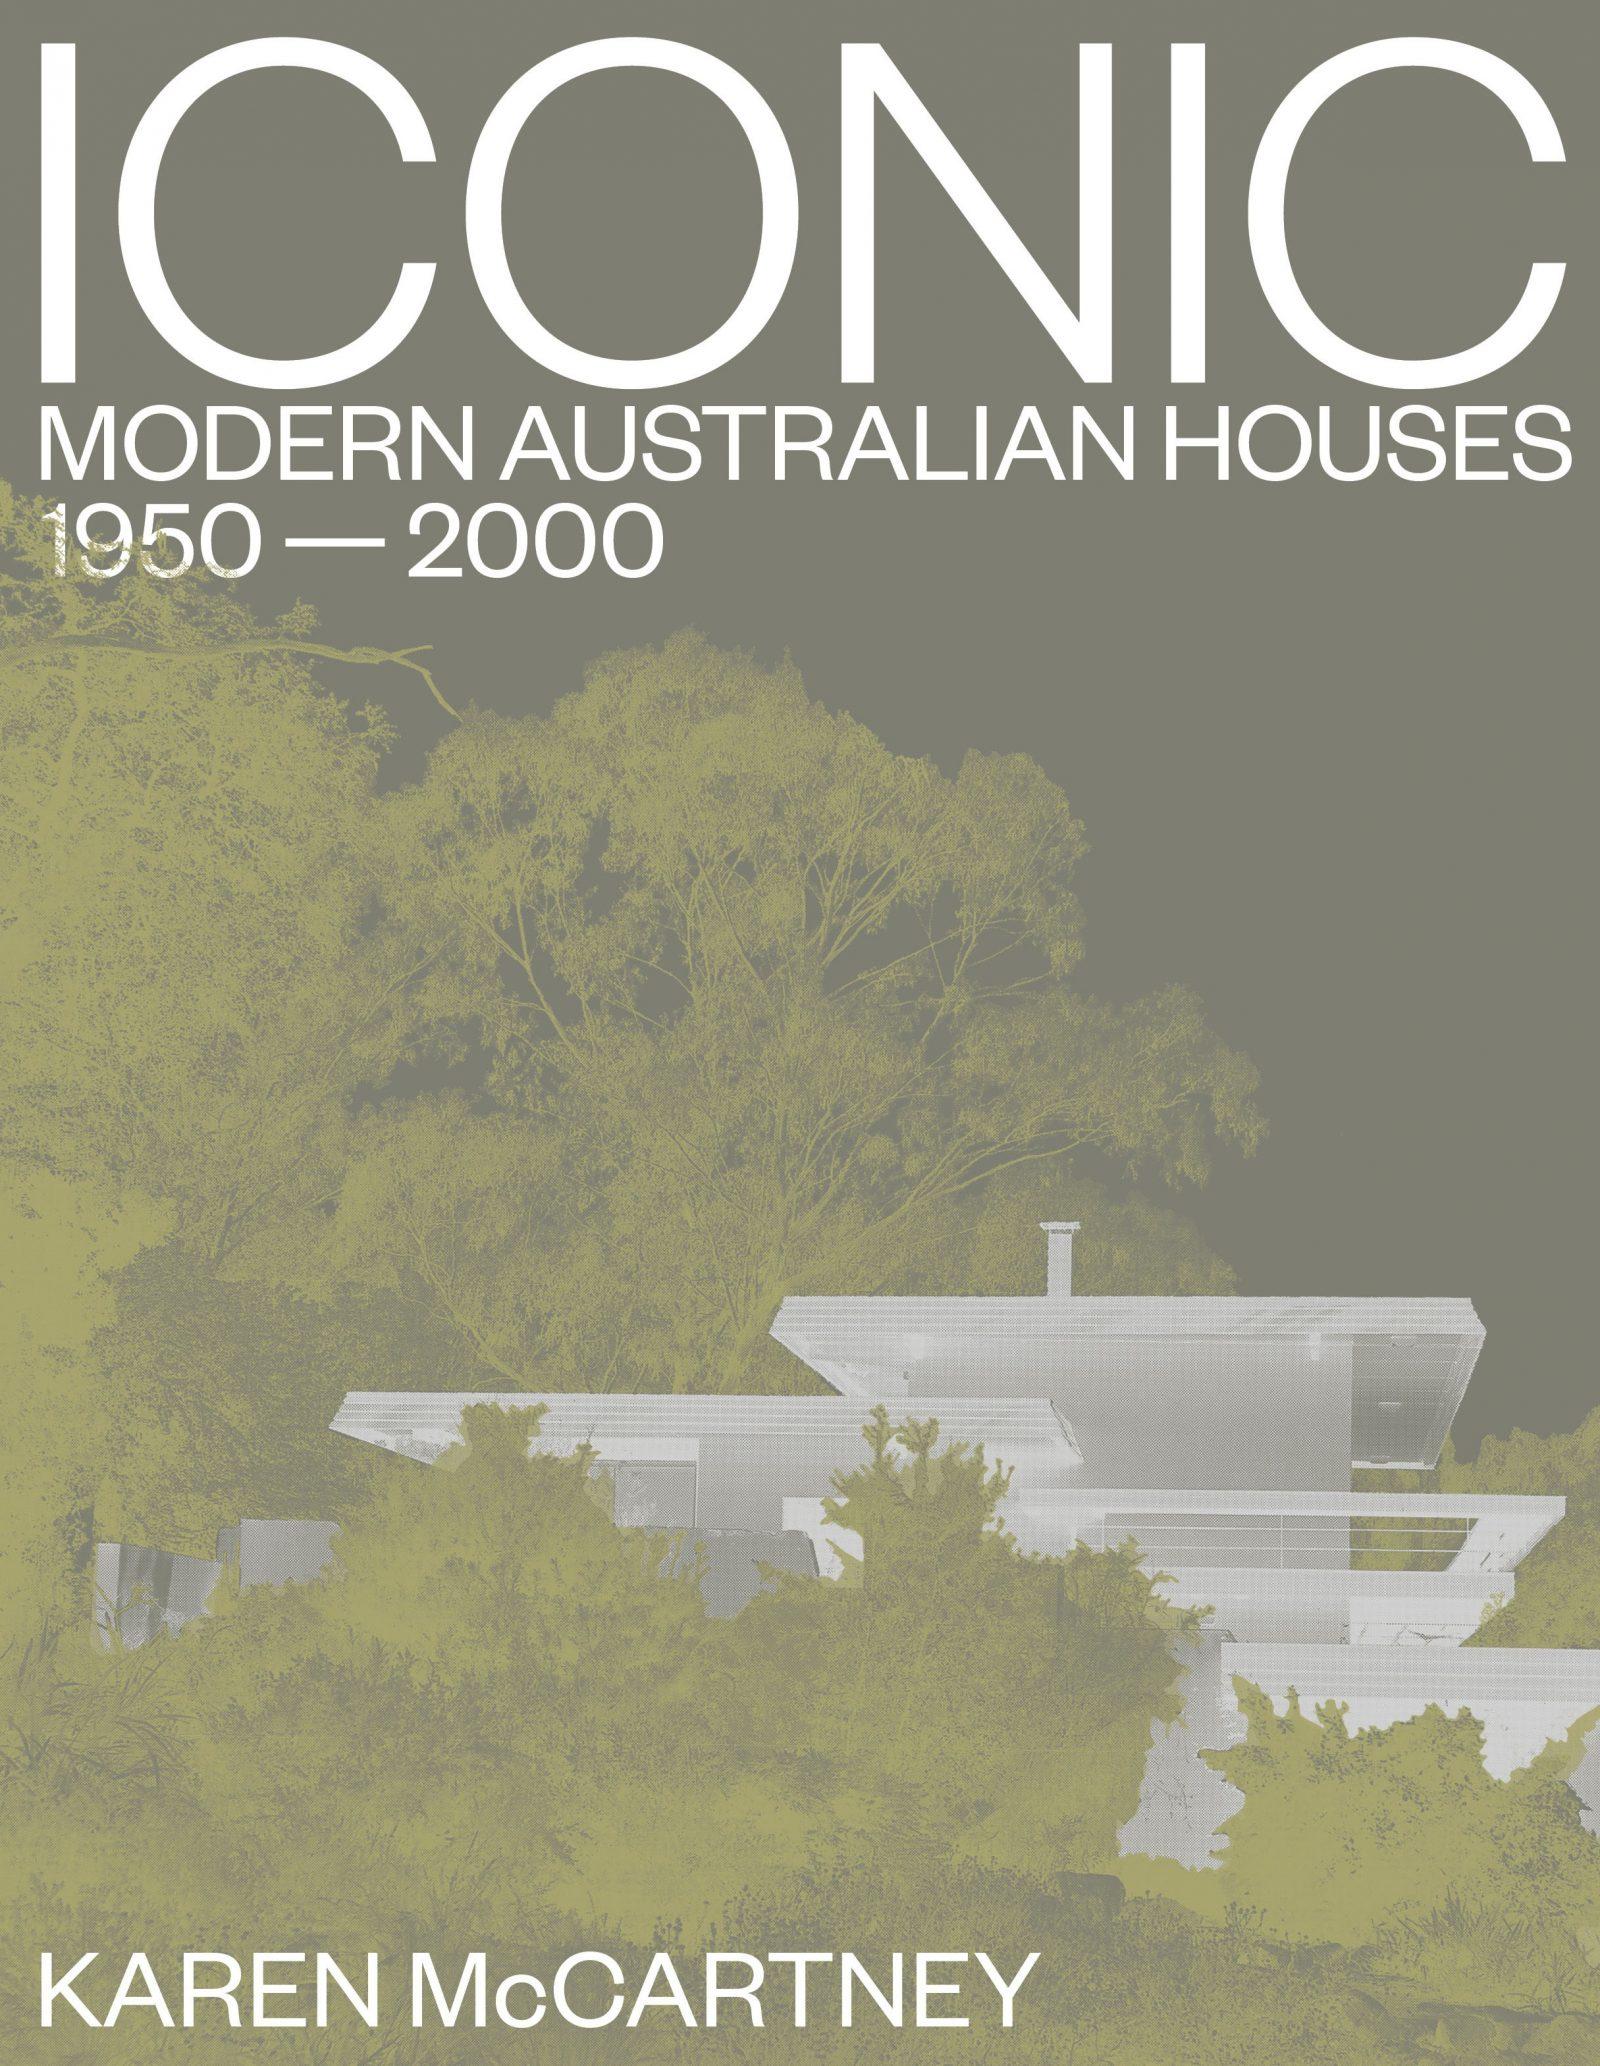 Karen McCartney: Iconic Modern Australian Houses